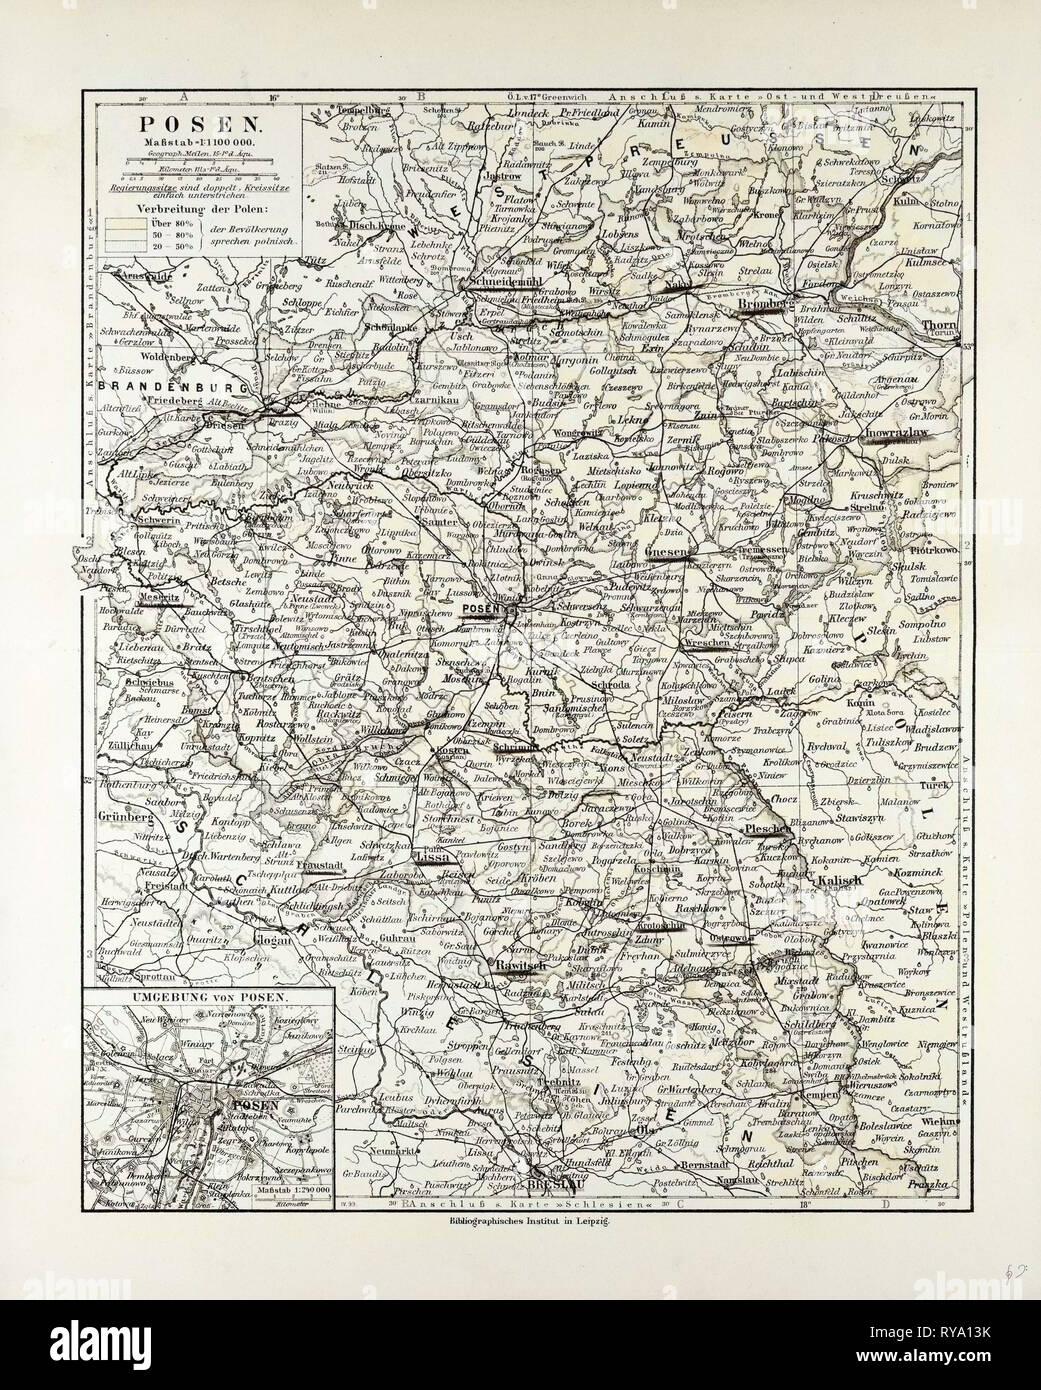 Map of Posen (Poznan) Poland 1899 Stock Photo